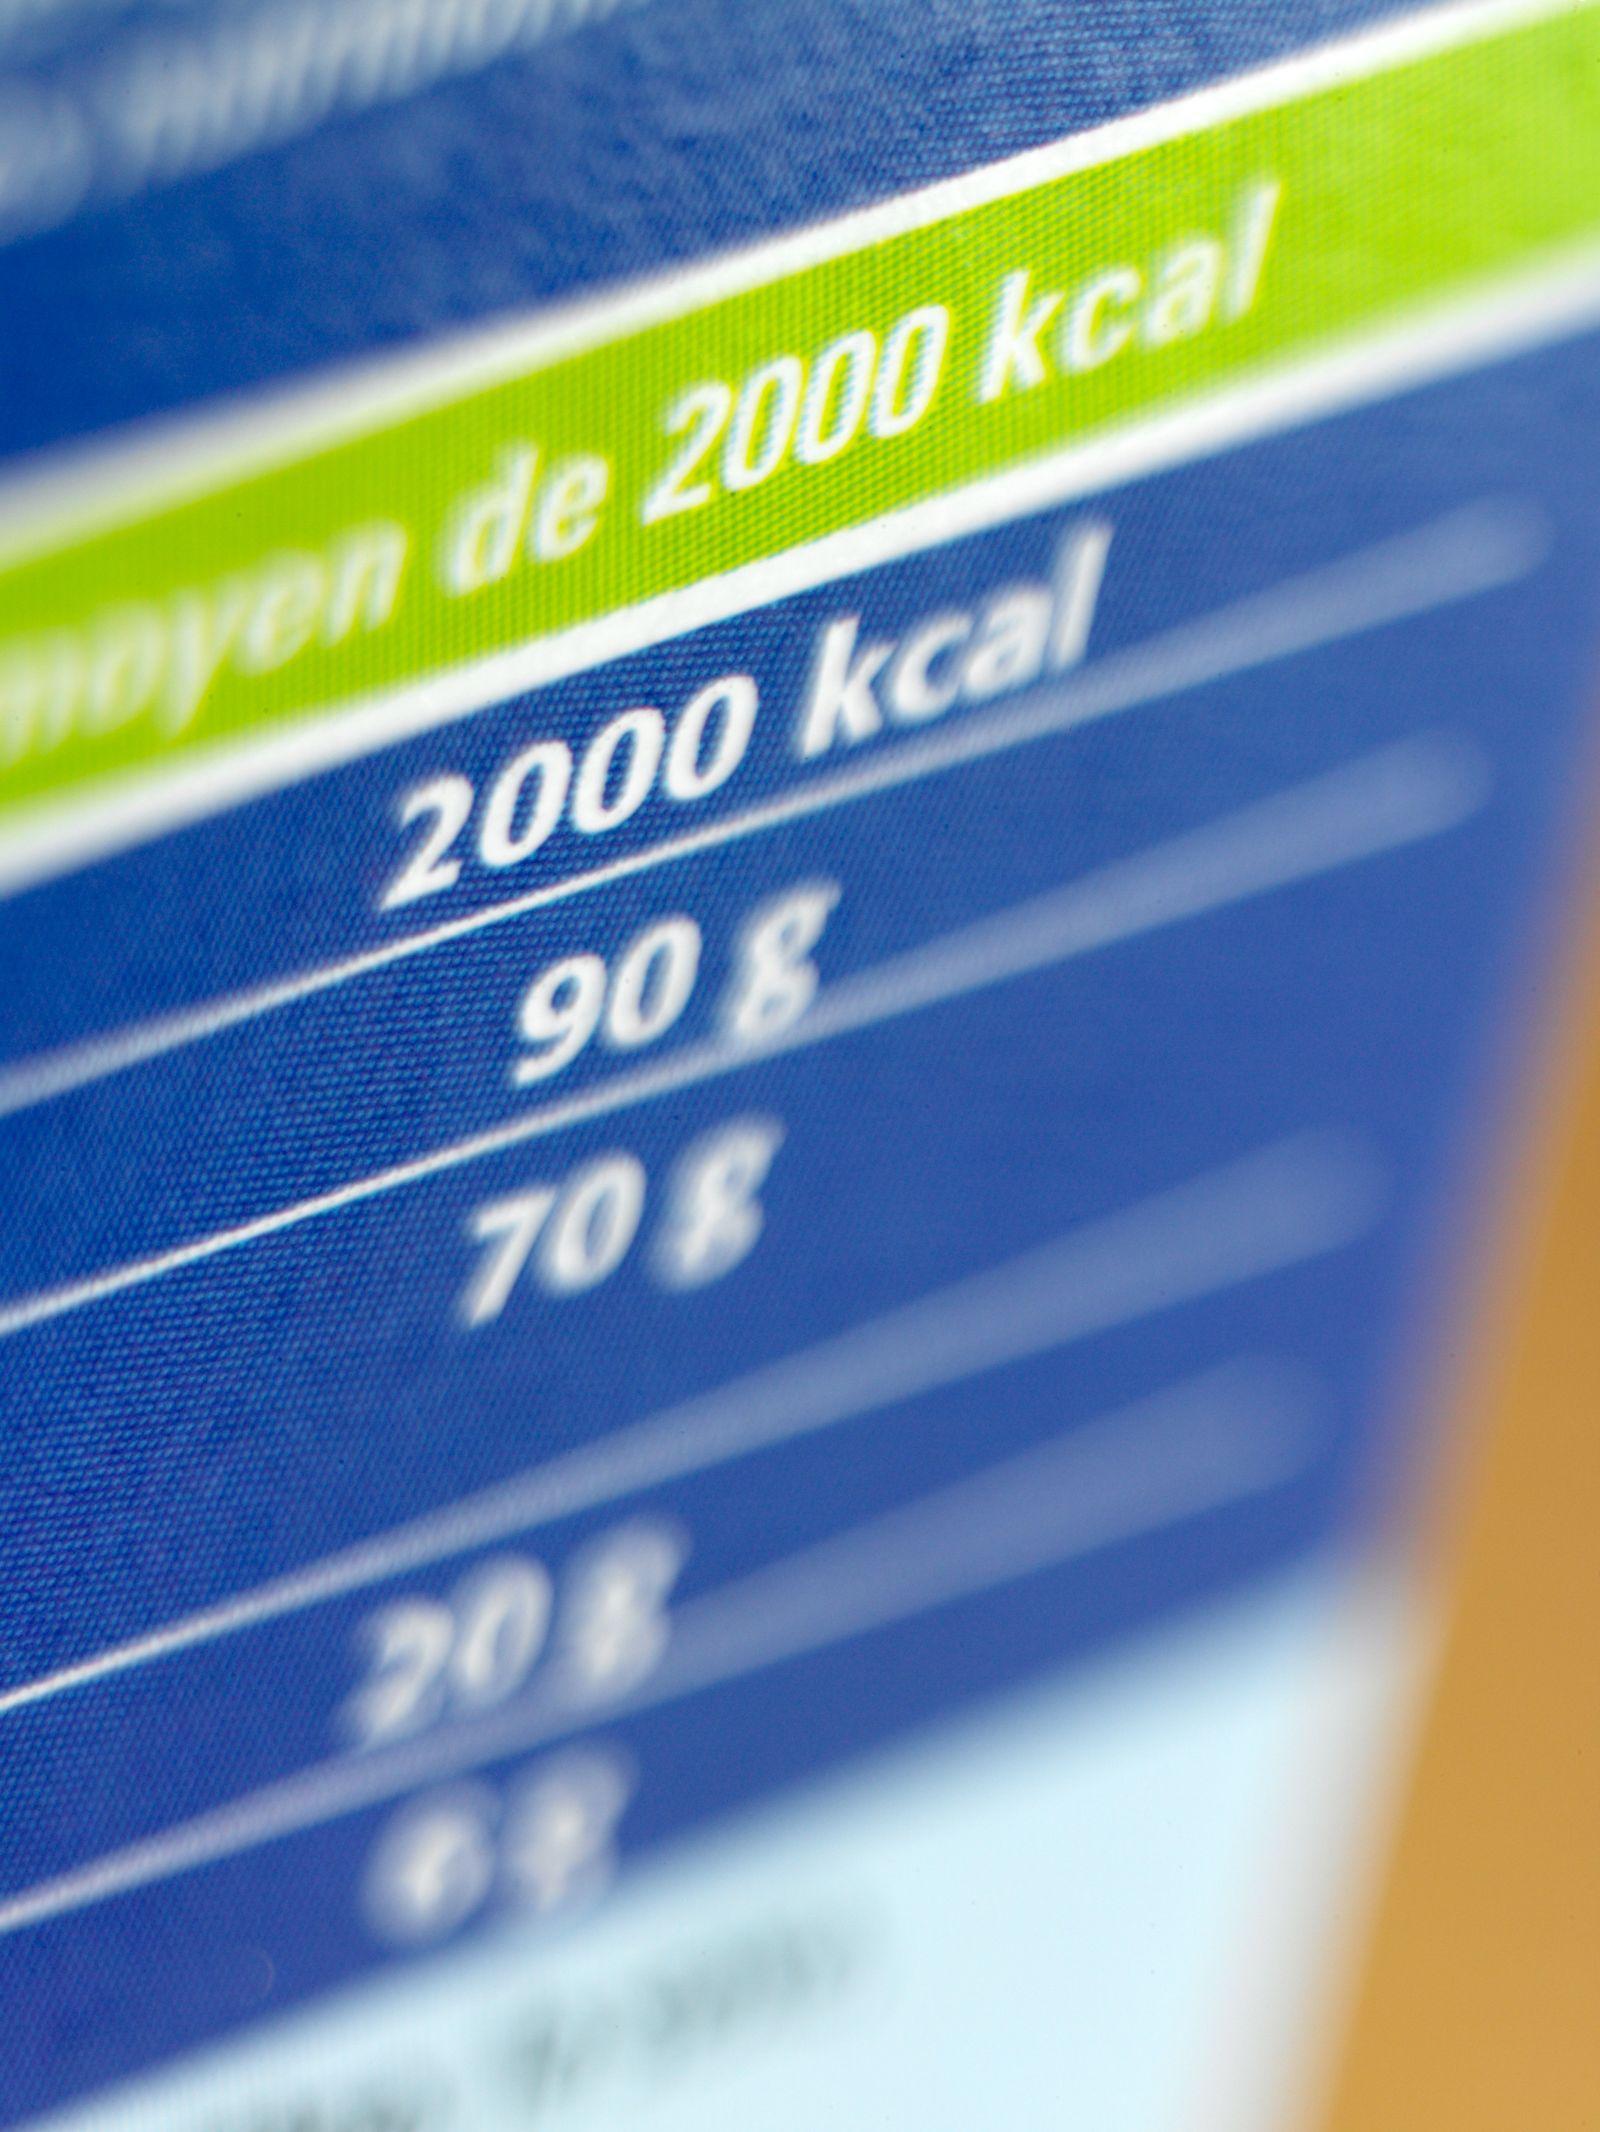 NICHT MEHR VERWENDEN! - Kalorien / Bedarfsrechner